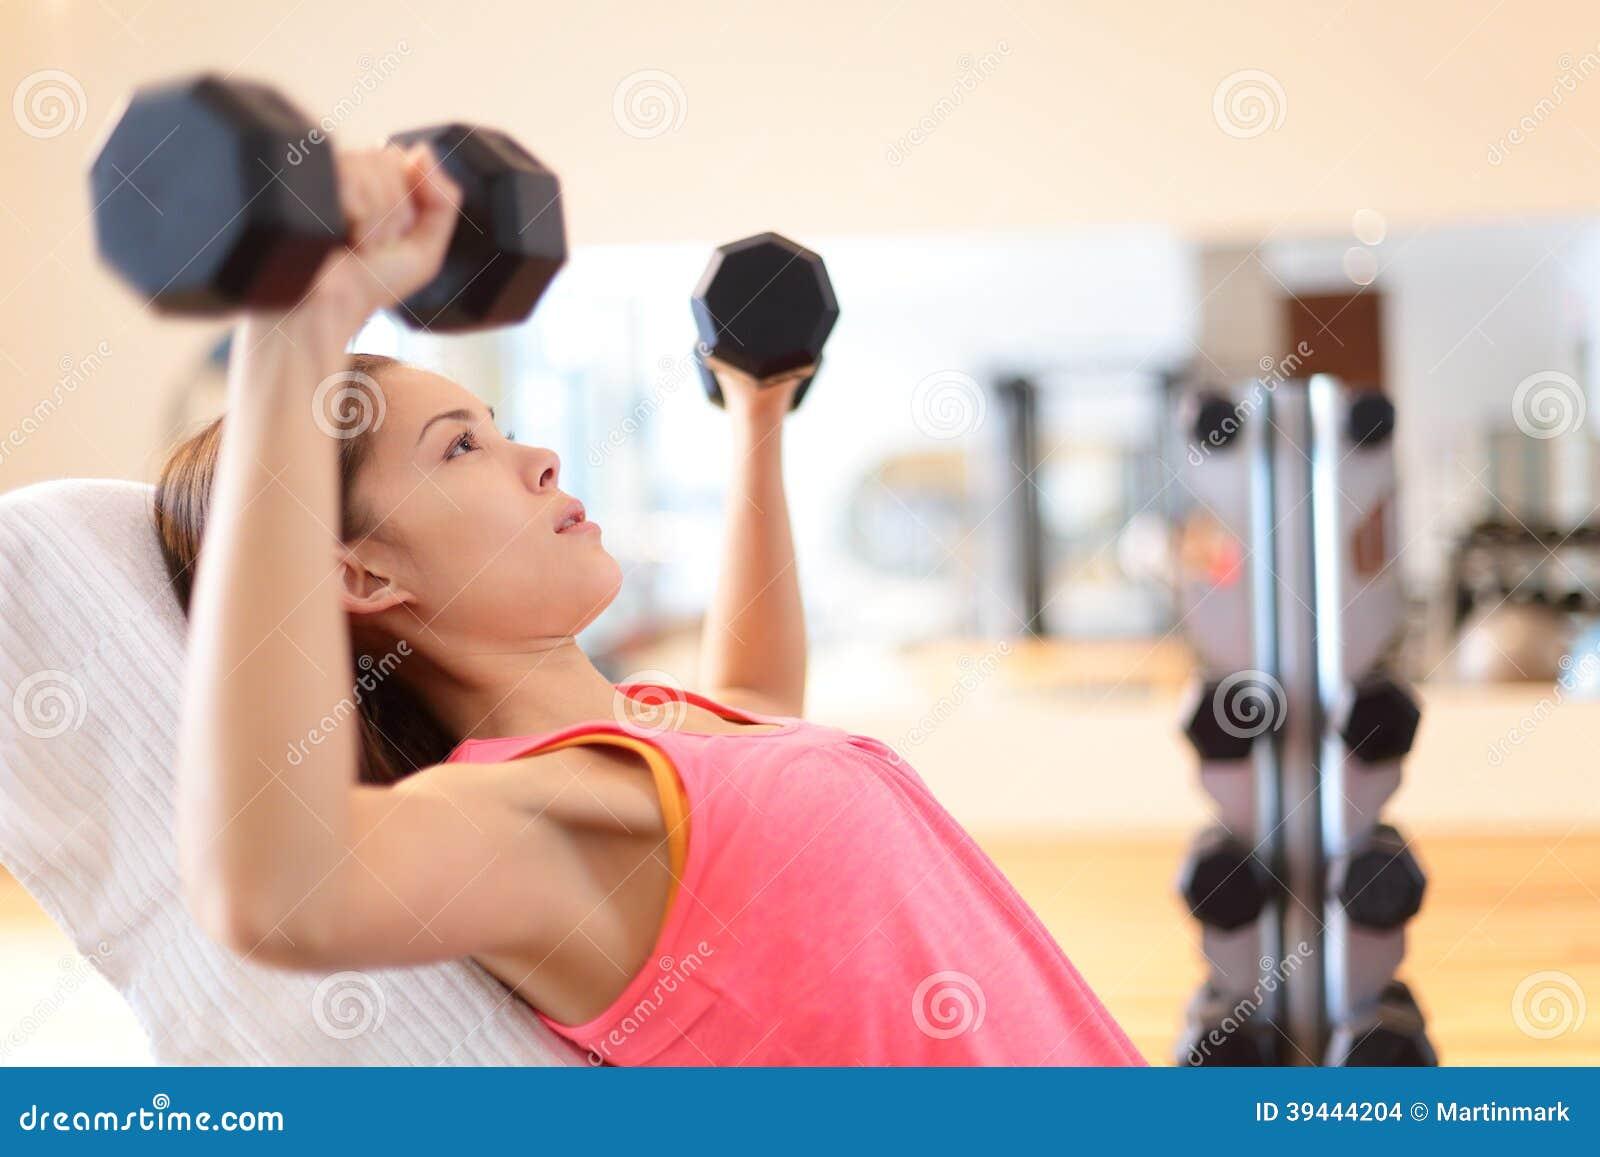 Тренировки для девушек в тренажерном зале для начинающих фото